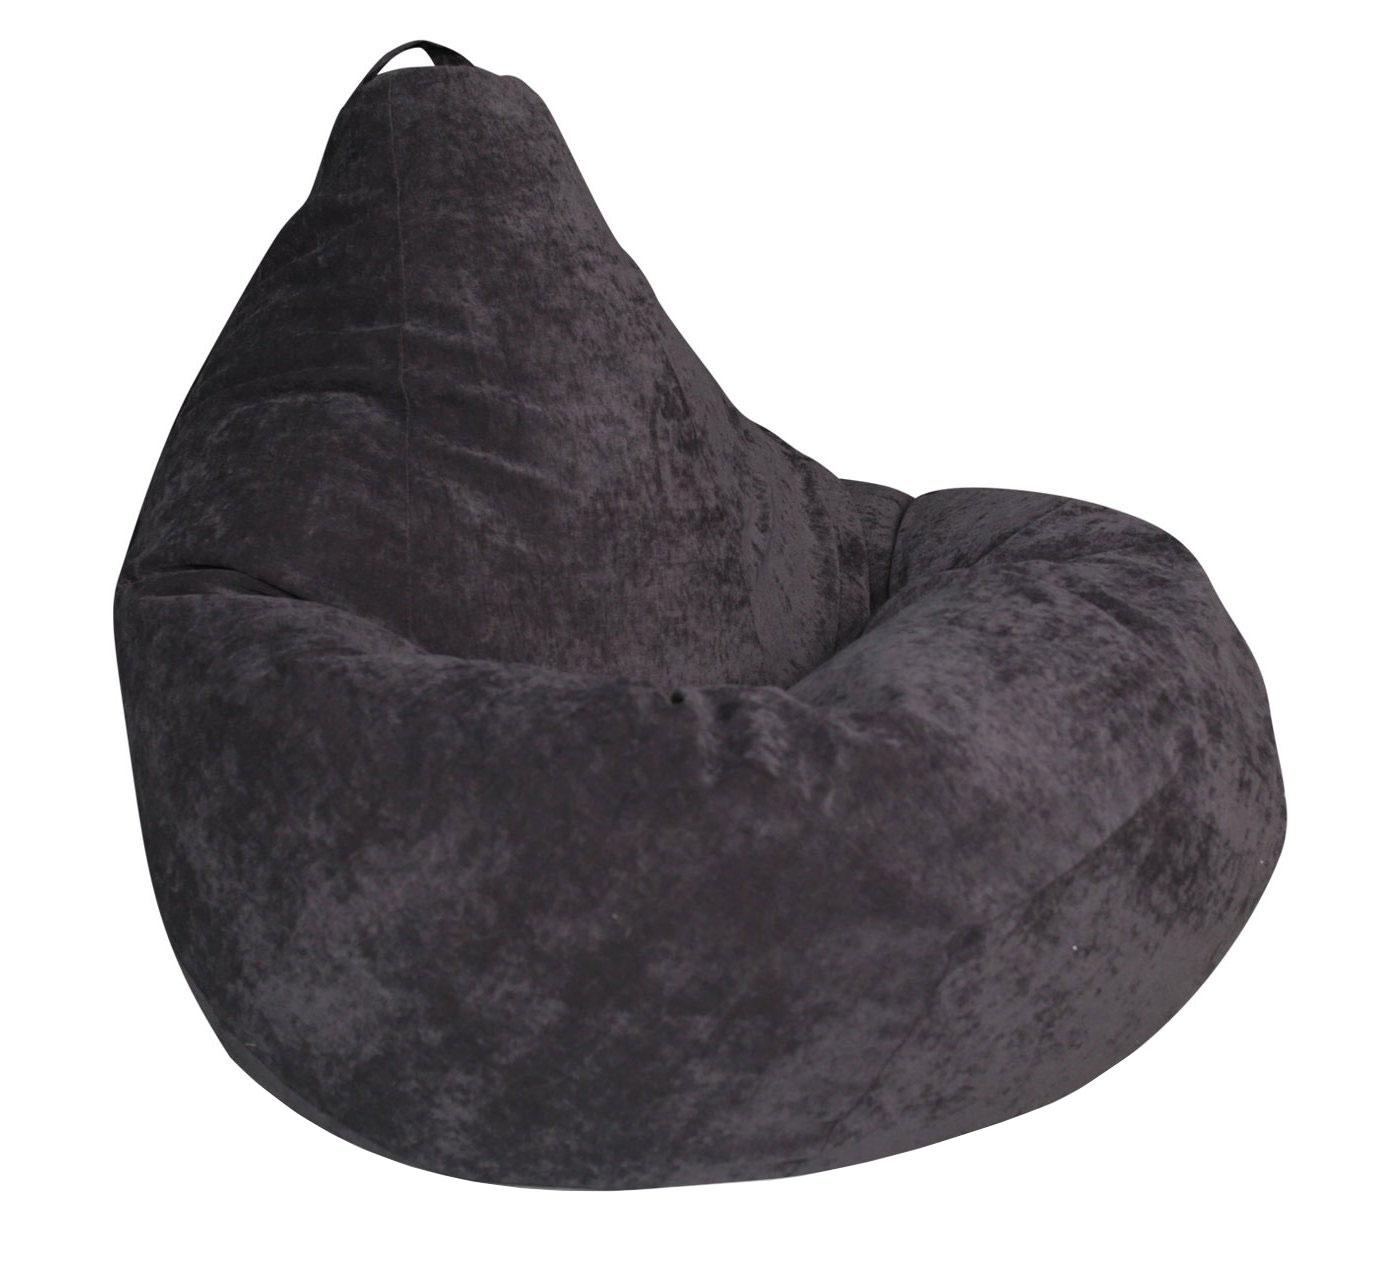 Кресло-мешок DreamBag Кресло-мешок, размер XXL, велюр, темно-серый фото